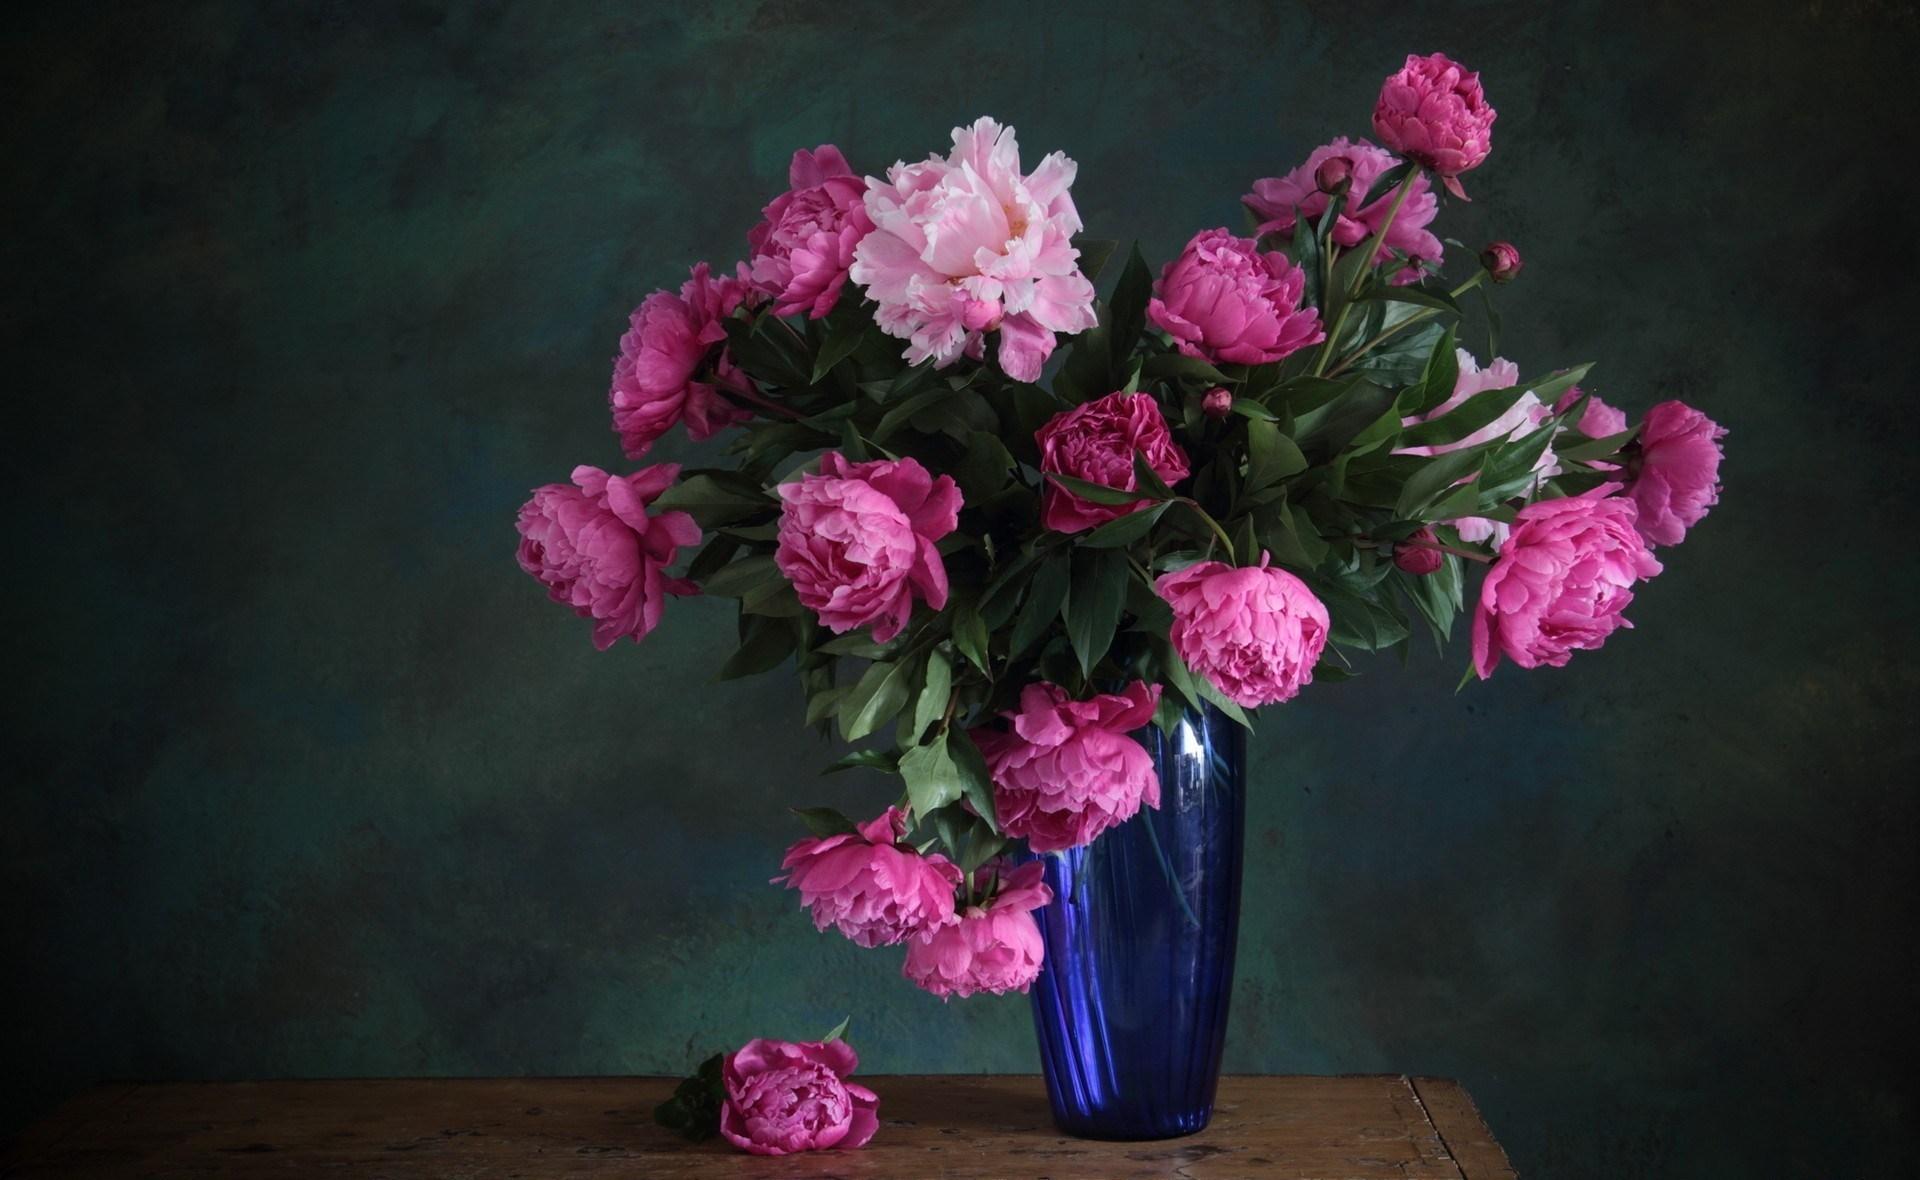 примера, букет цветов фото в вазе объявление мебели